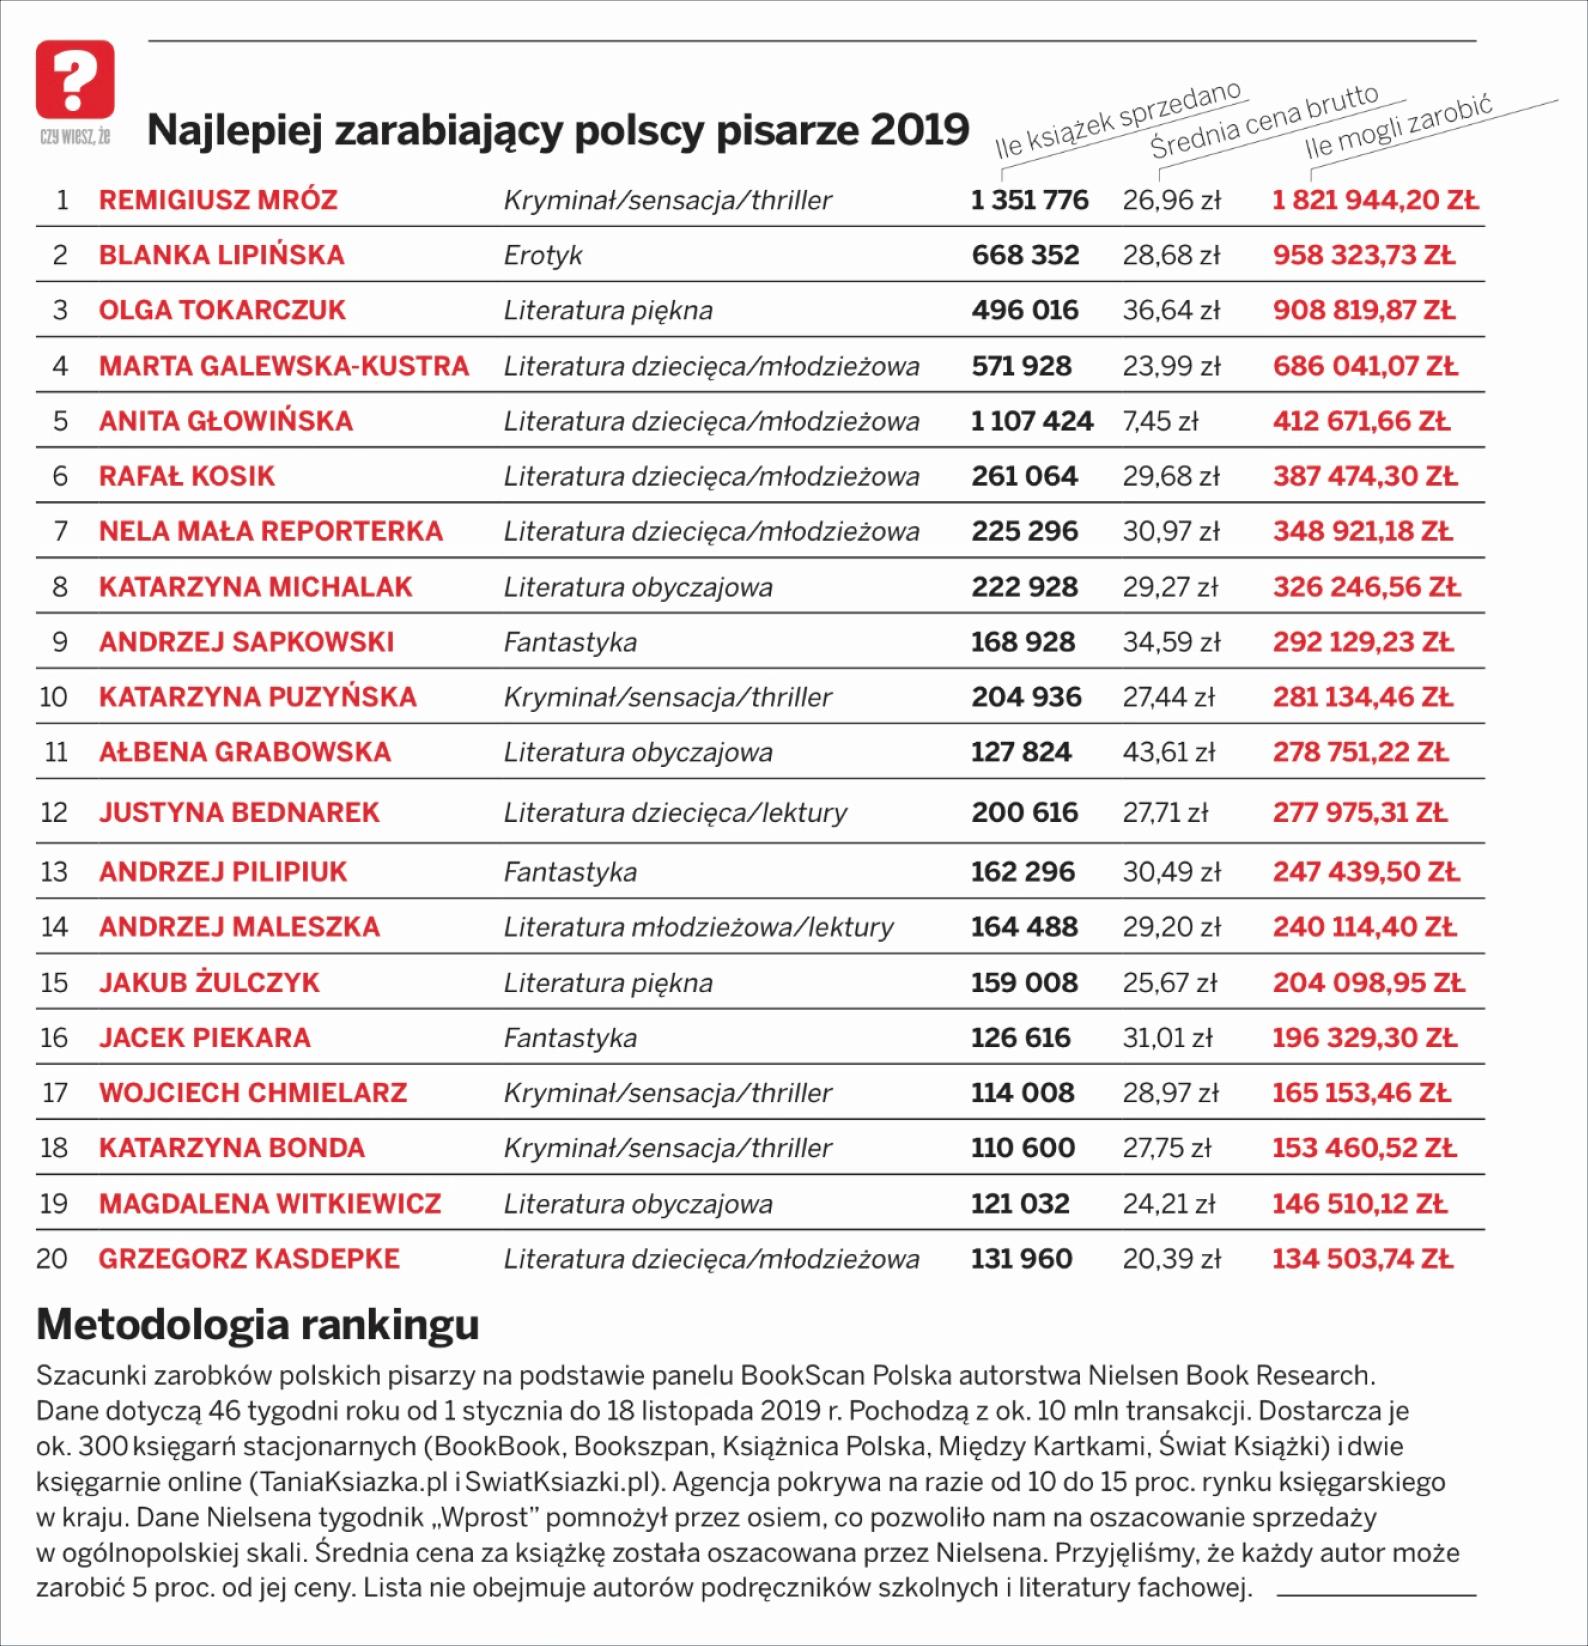 Ranking najlepiej zarabiających autorów